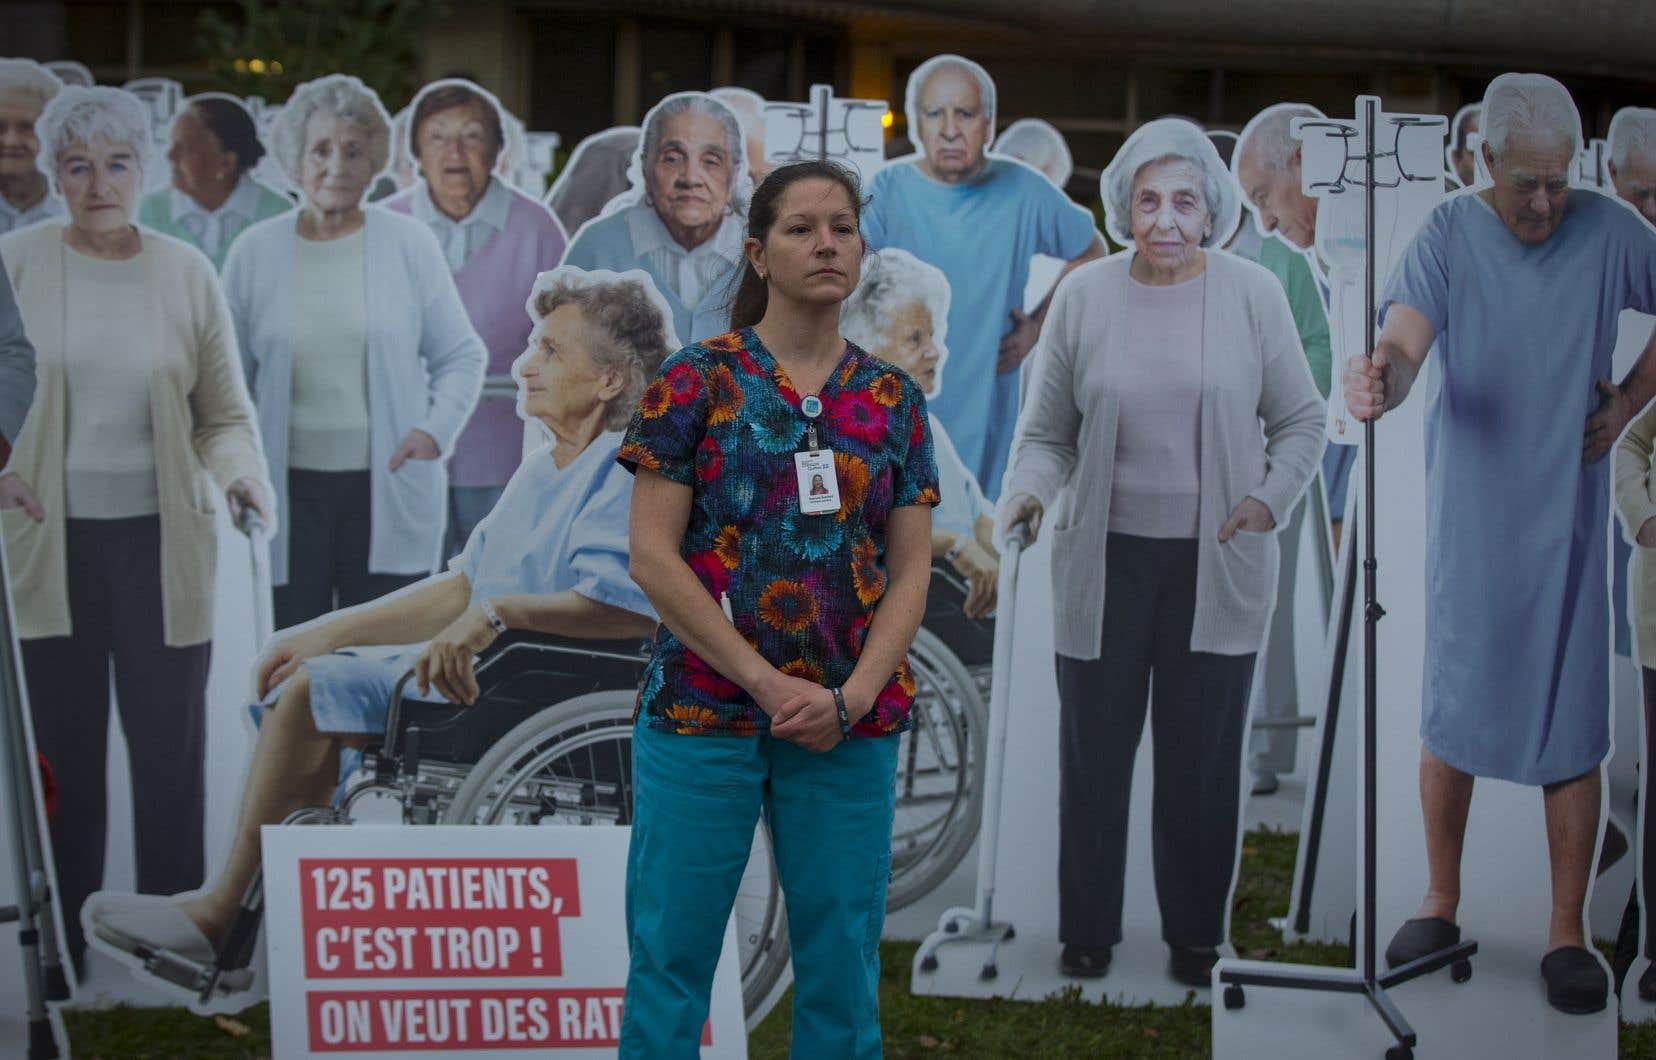 <p>Pour illustrer la situation, des membres de la FIQ se sont rendus tôt en matinée sur le terrain du Centre d'hébergement René-Lévesque, à Longueuil, pour y installer 125 effigies représentant autant de patients de CHSLD. Par la suite, une professionnelle en soins a simulé sa tournée de soins en mettant en évidence la surcharge de travail que représente un tel nombre de patients pour elle.</p>